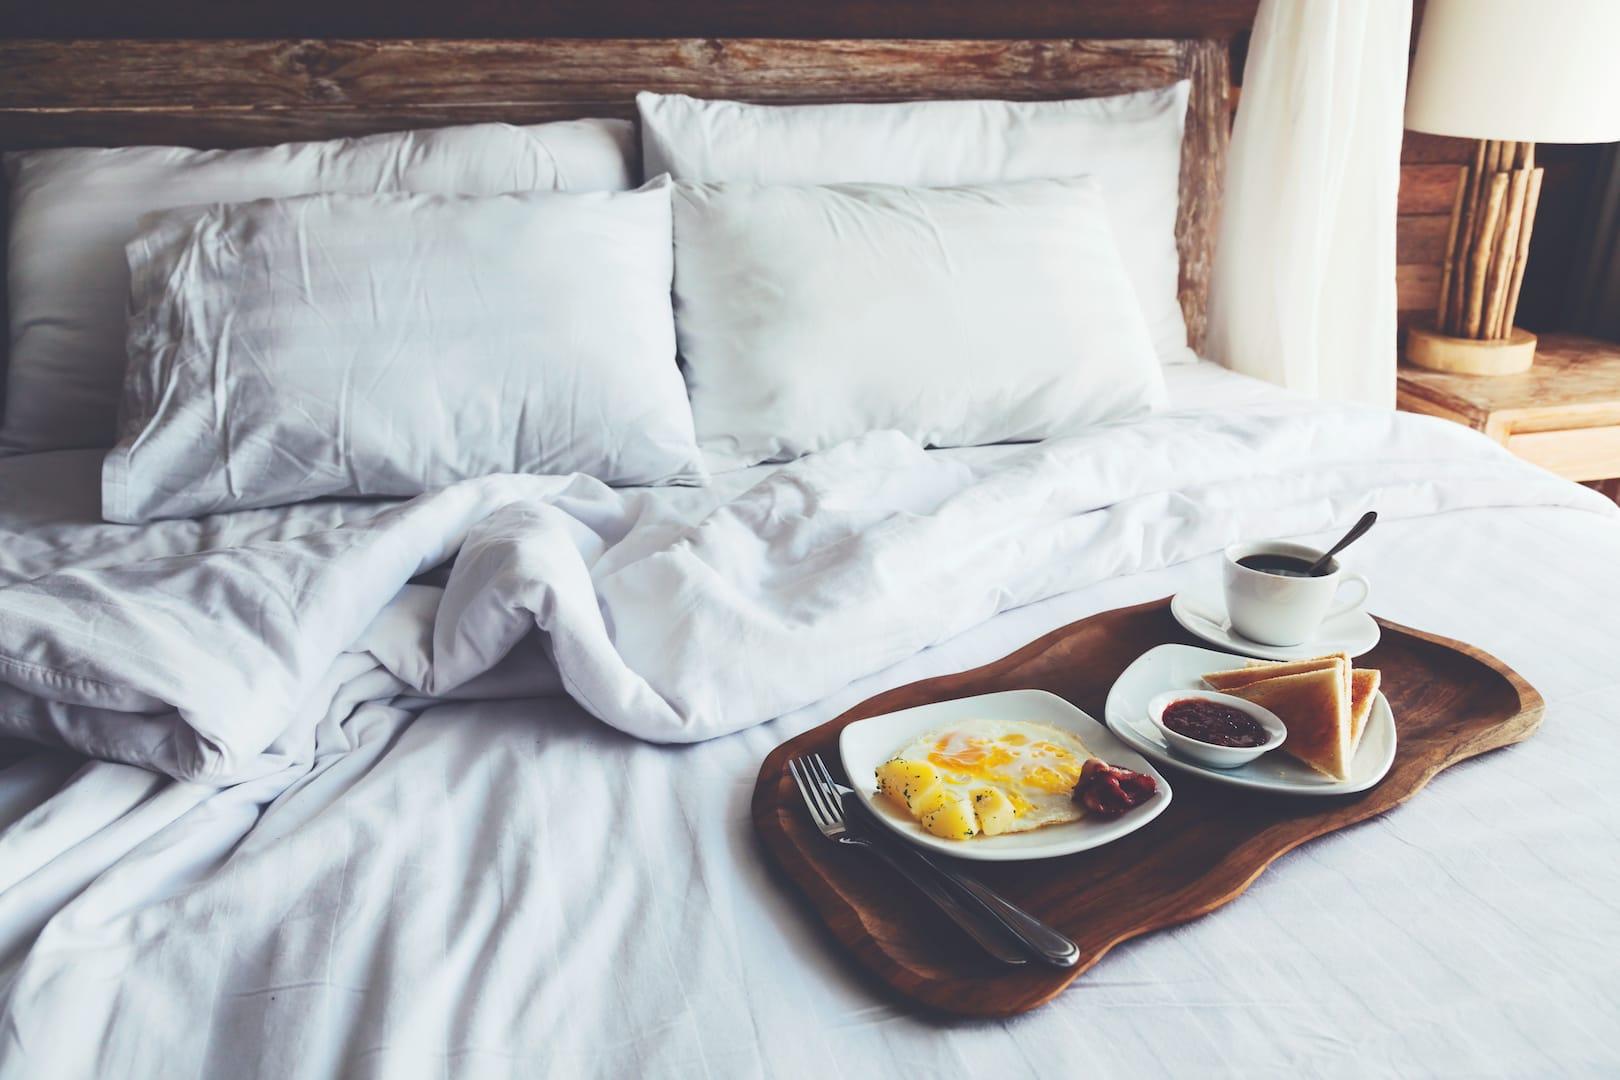 Generic Accommodation Image